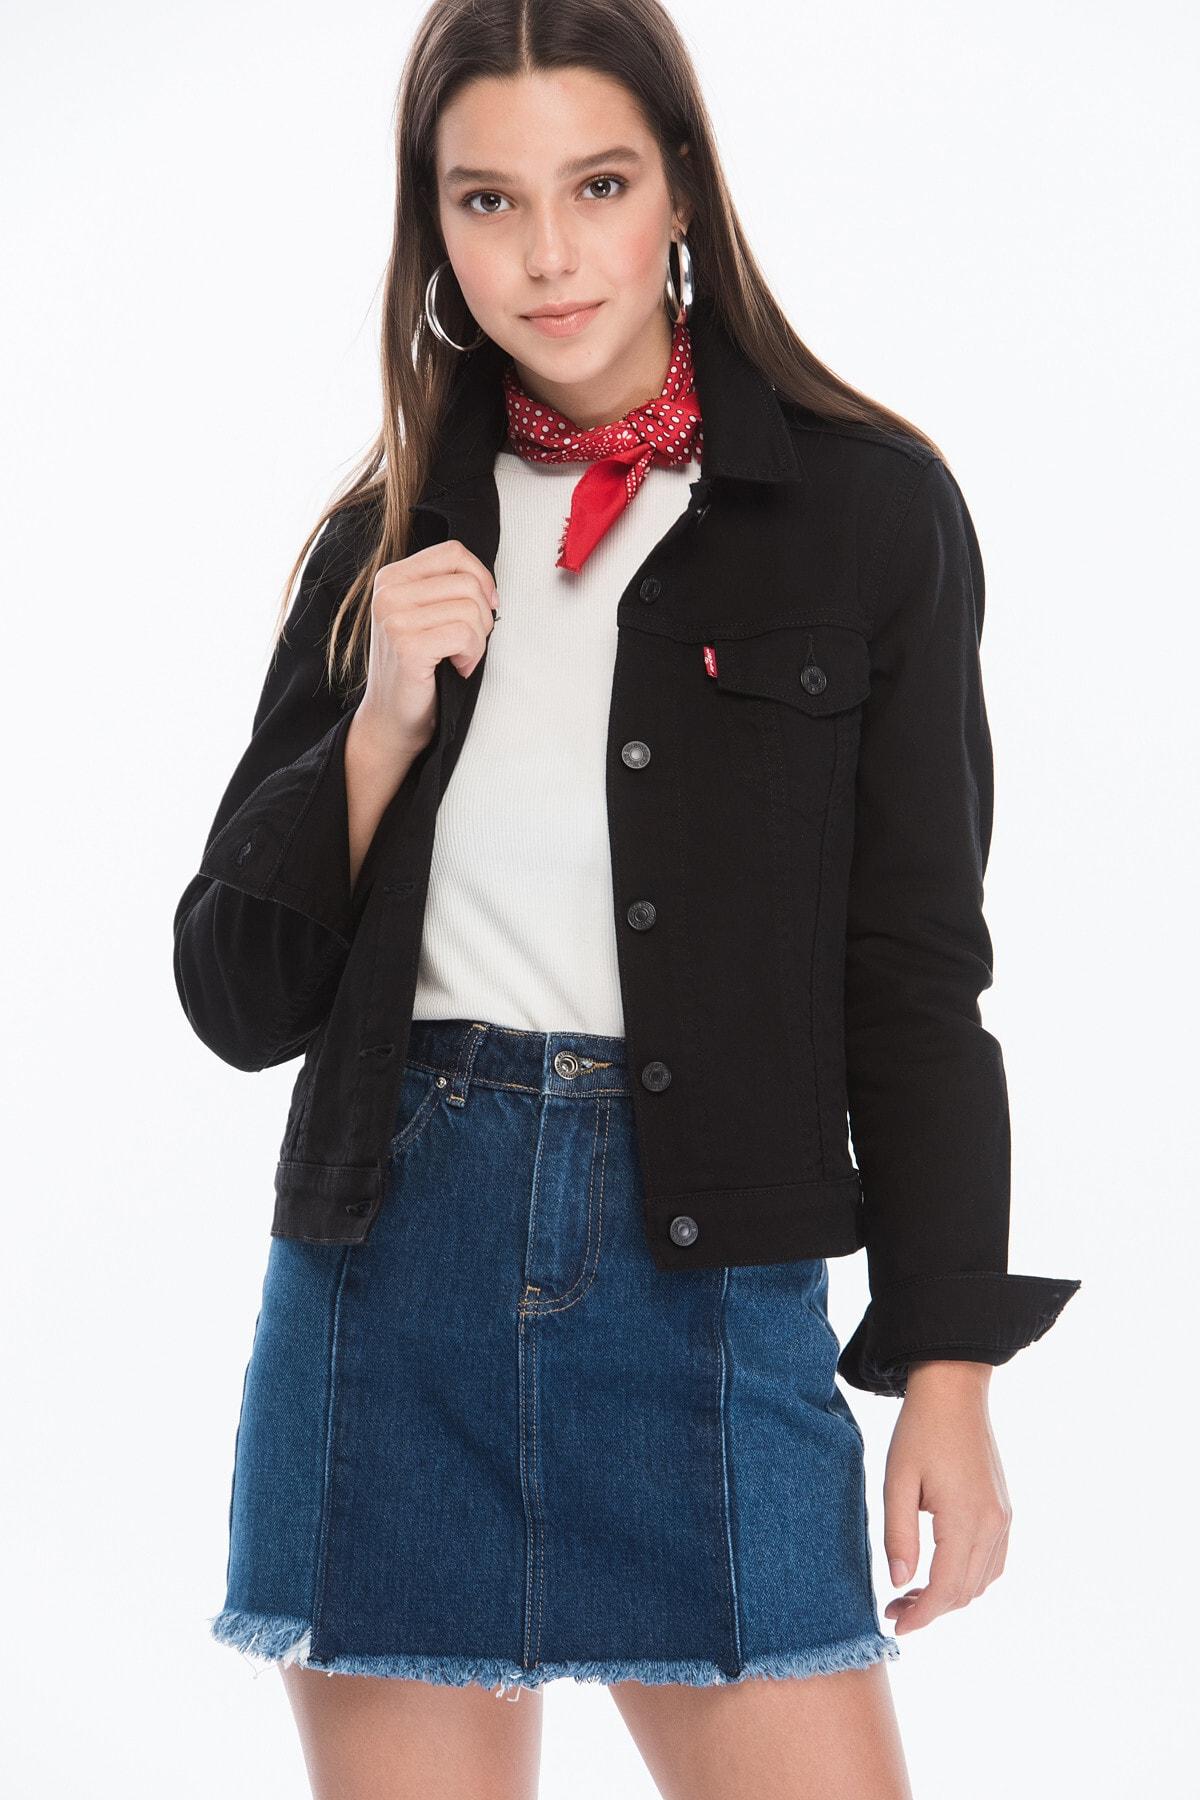 Levi's Kadın Siyah Düğmeli Ceket 29945-0038 1